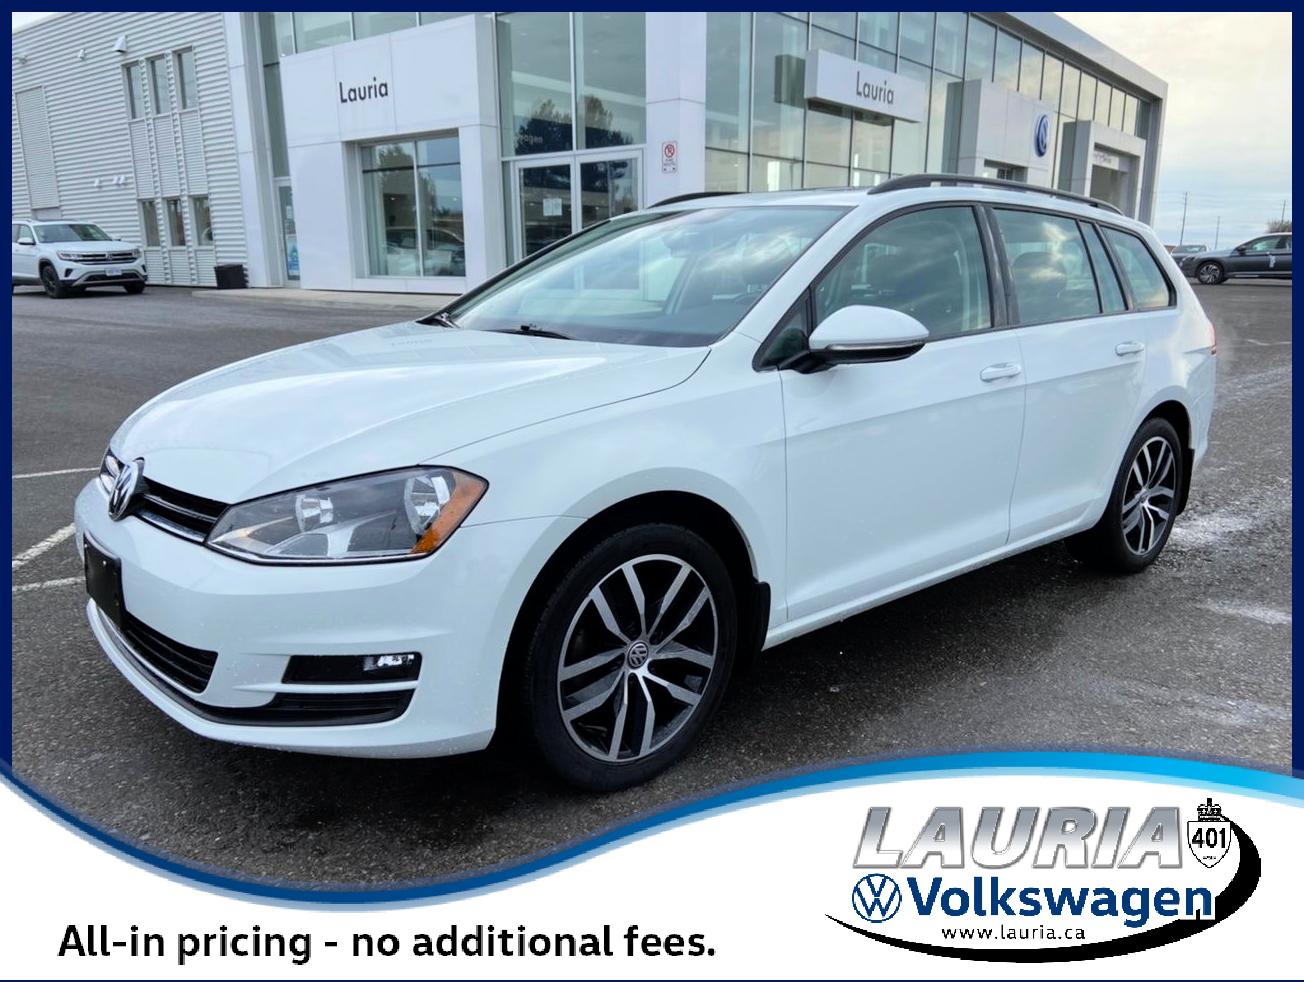 Certified Pre-Owned 2017 Volkswagen Golf SportWagen Comfortline FWD - LOW KMS